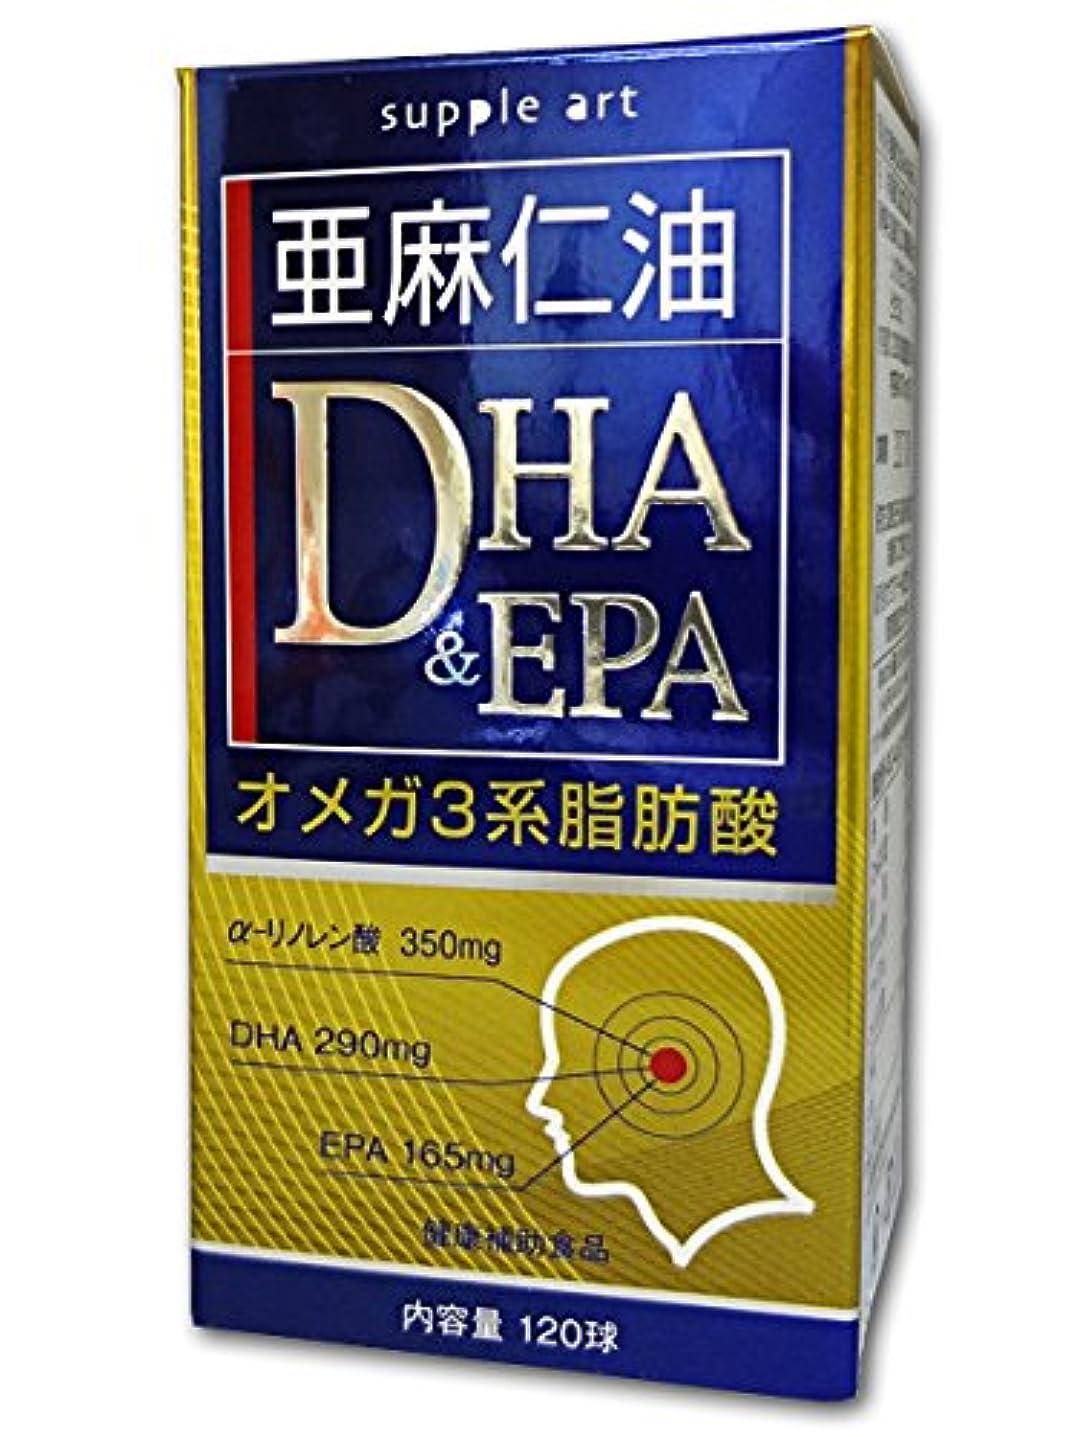 廊下パイル疑い者サプリアート 亜麻仁油DHA&EPA オメガ3系脂肪酸 120球